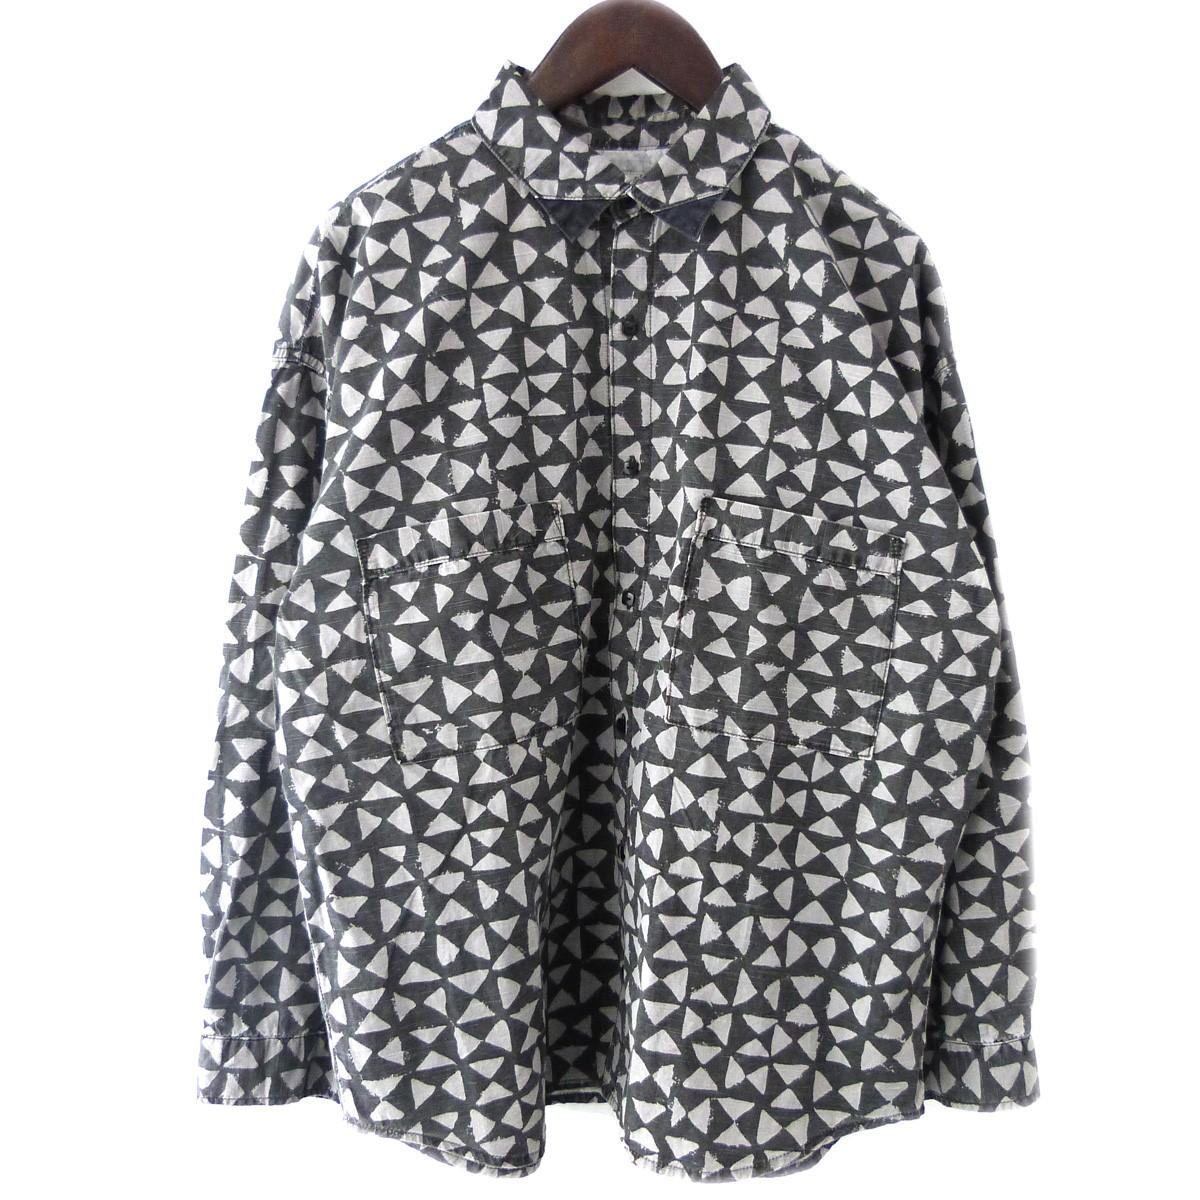 【中古】TENDERLOIN 19AW「T-SLUB SHT」スラブシャツ ブラック サイズ:S 【040420】(テンダーロイン)